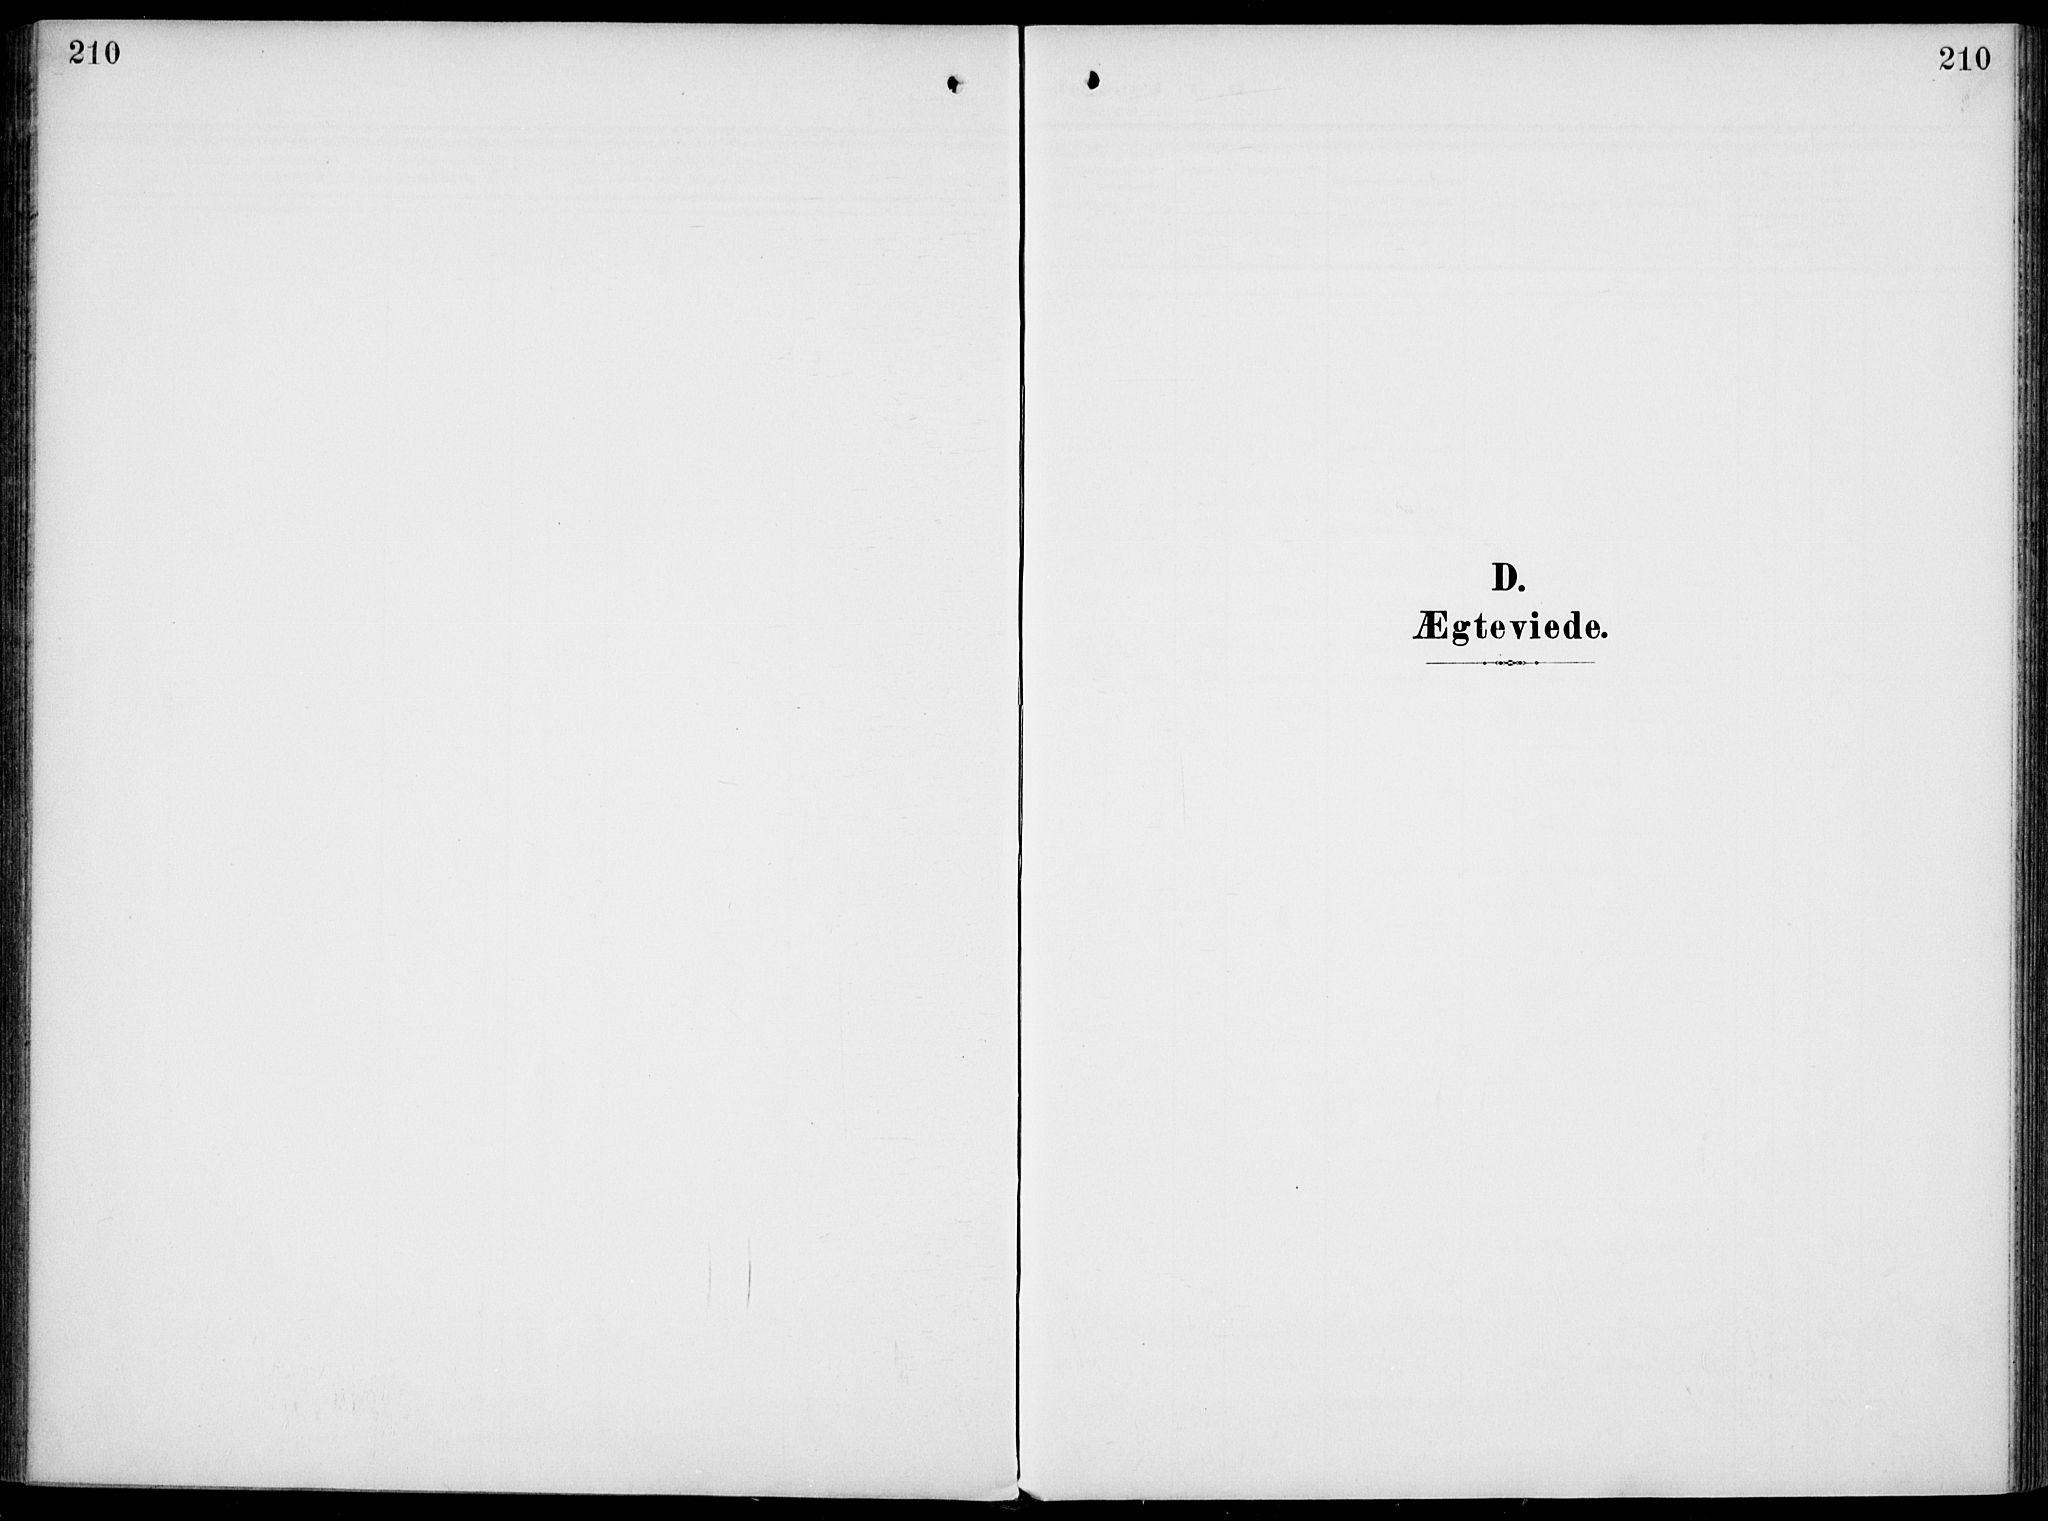 SAKO, Gjerpen kirkebøker, F/Fa/L0012: Ministerialbok nr. 12, 1905-1913, s. 210